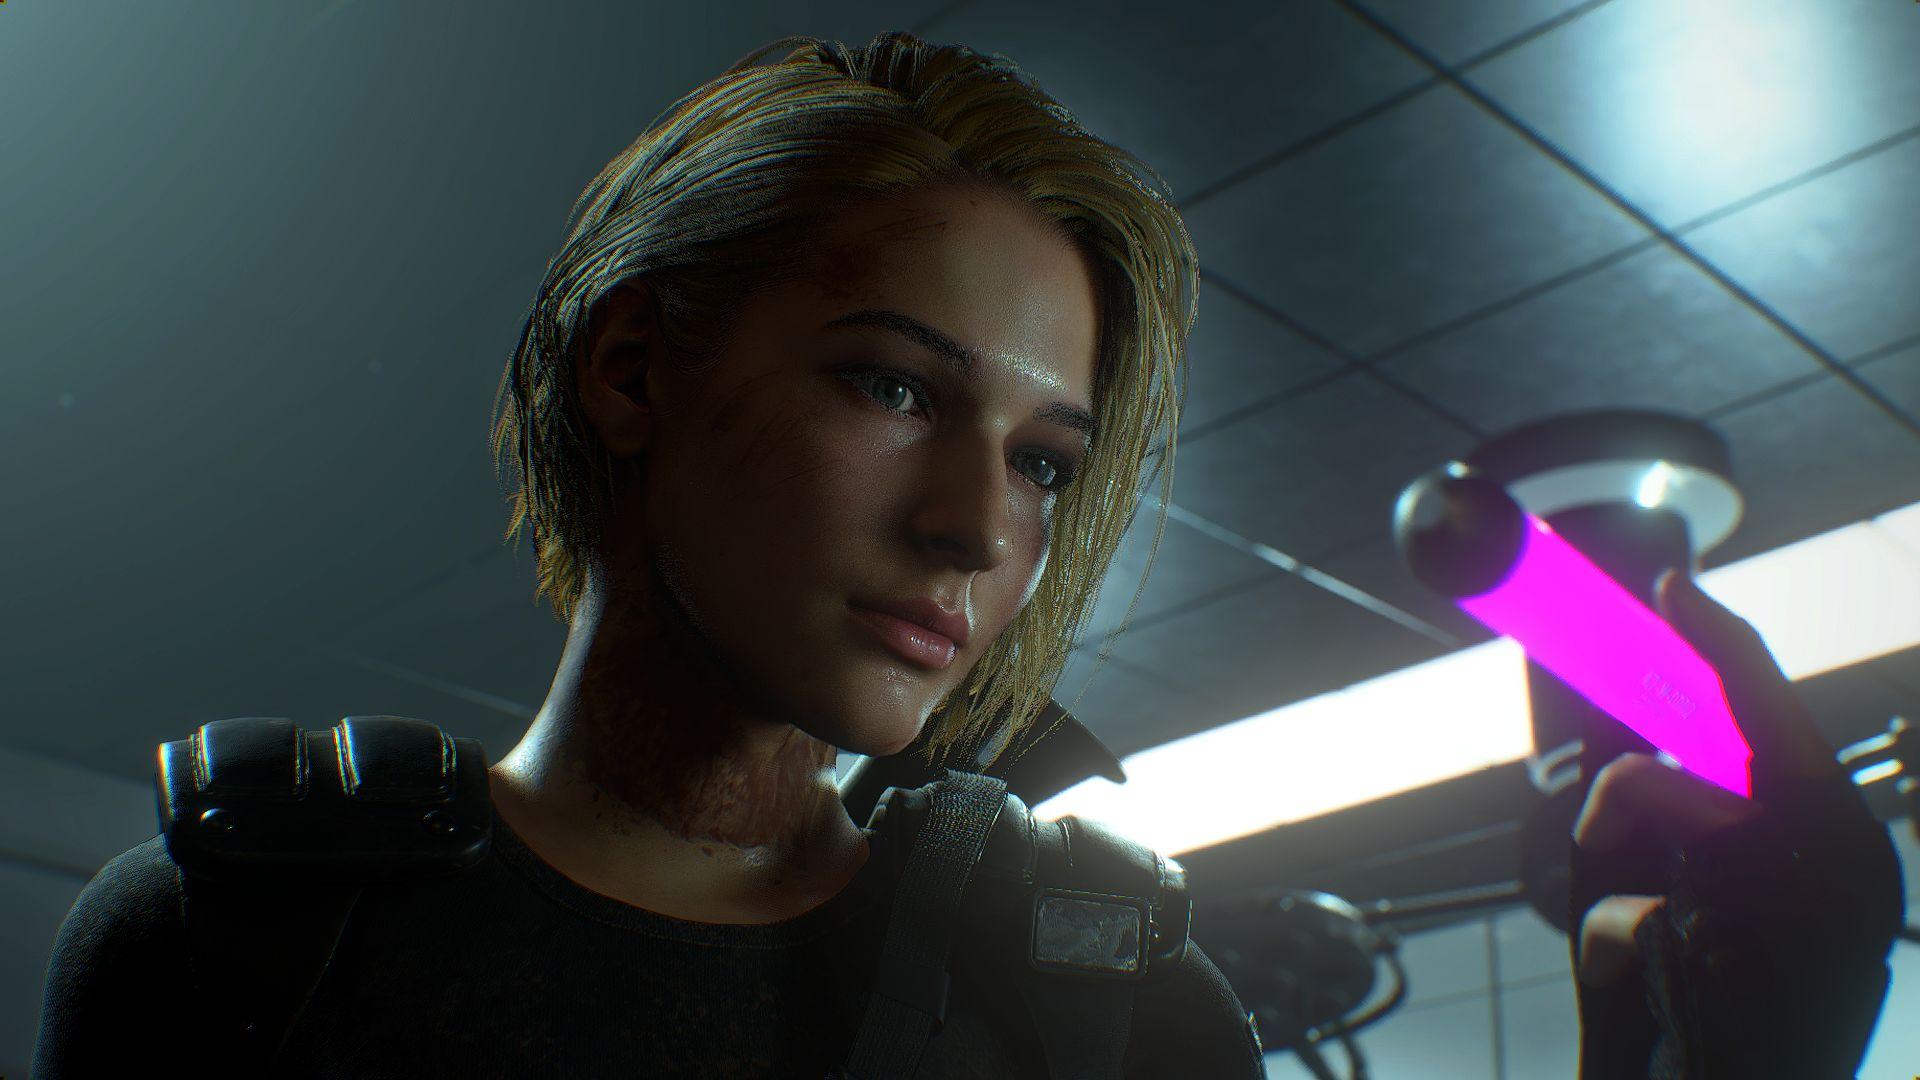 000728.Jpg - Resident Evil 3: Nemesis